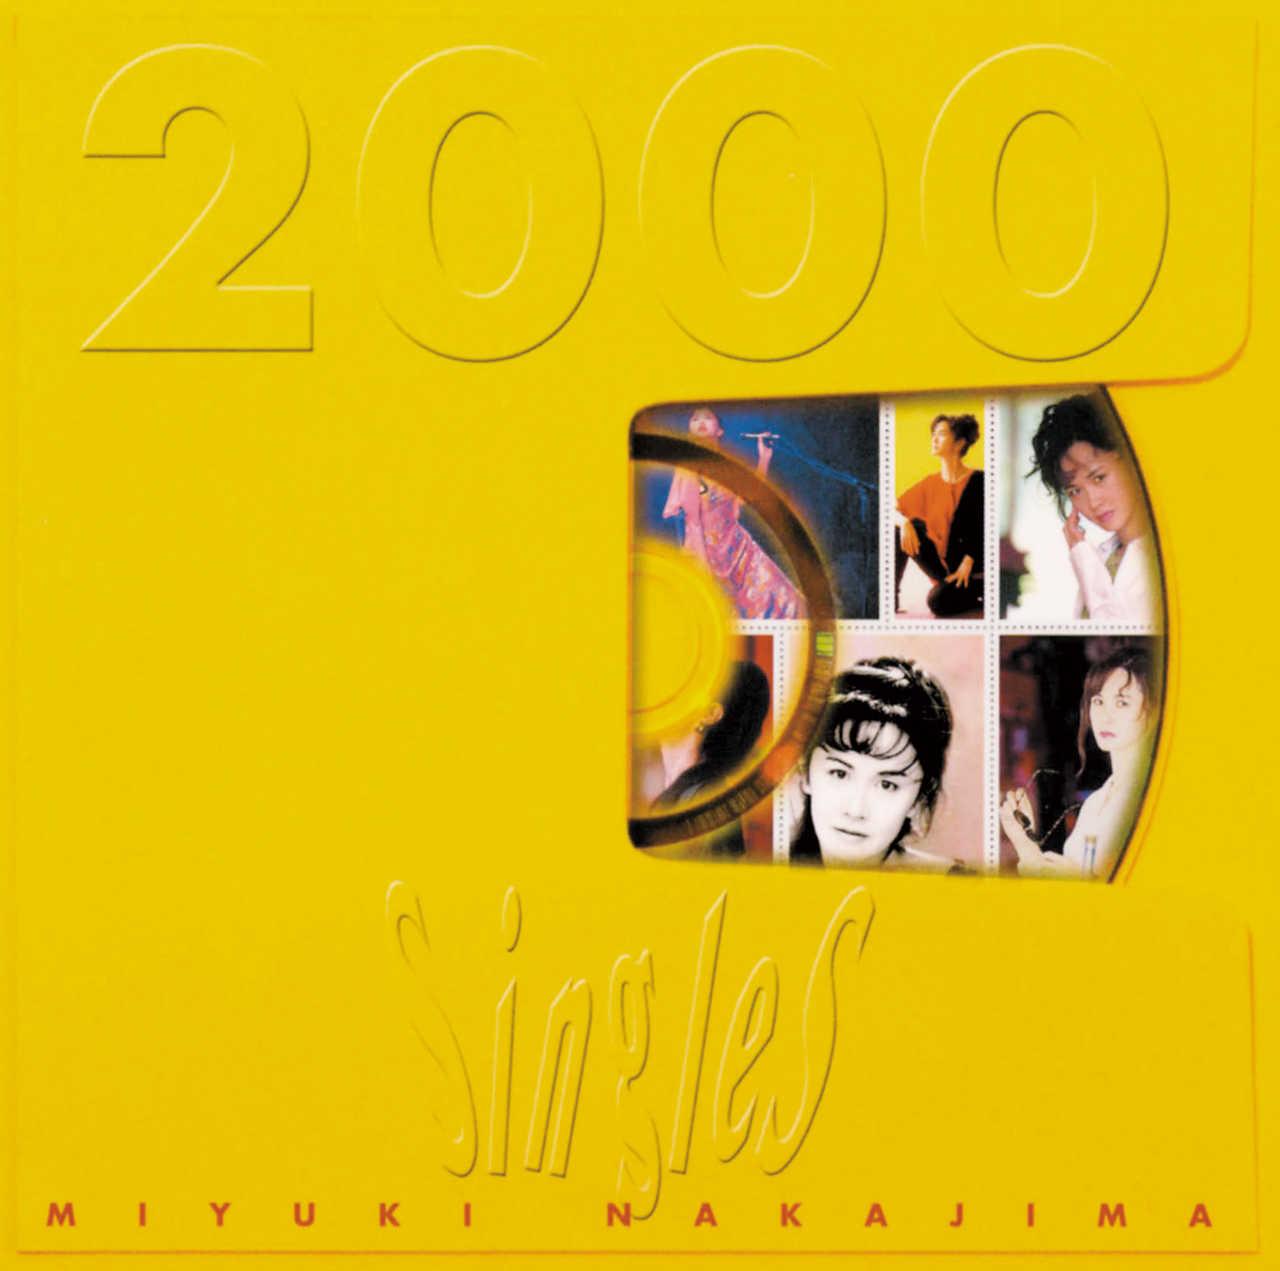 シングルコレクション『Singles 2000』